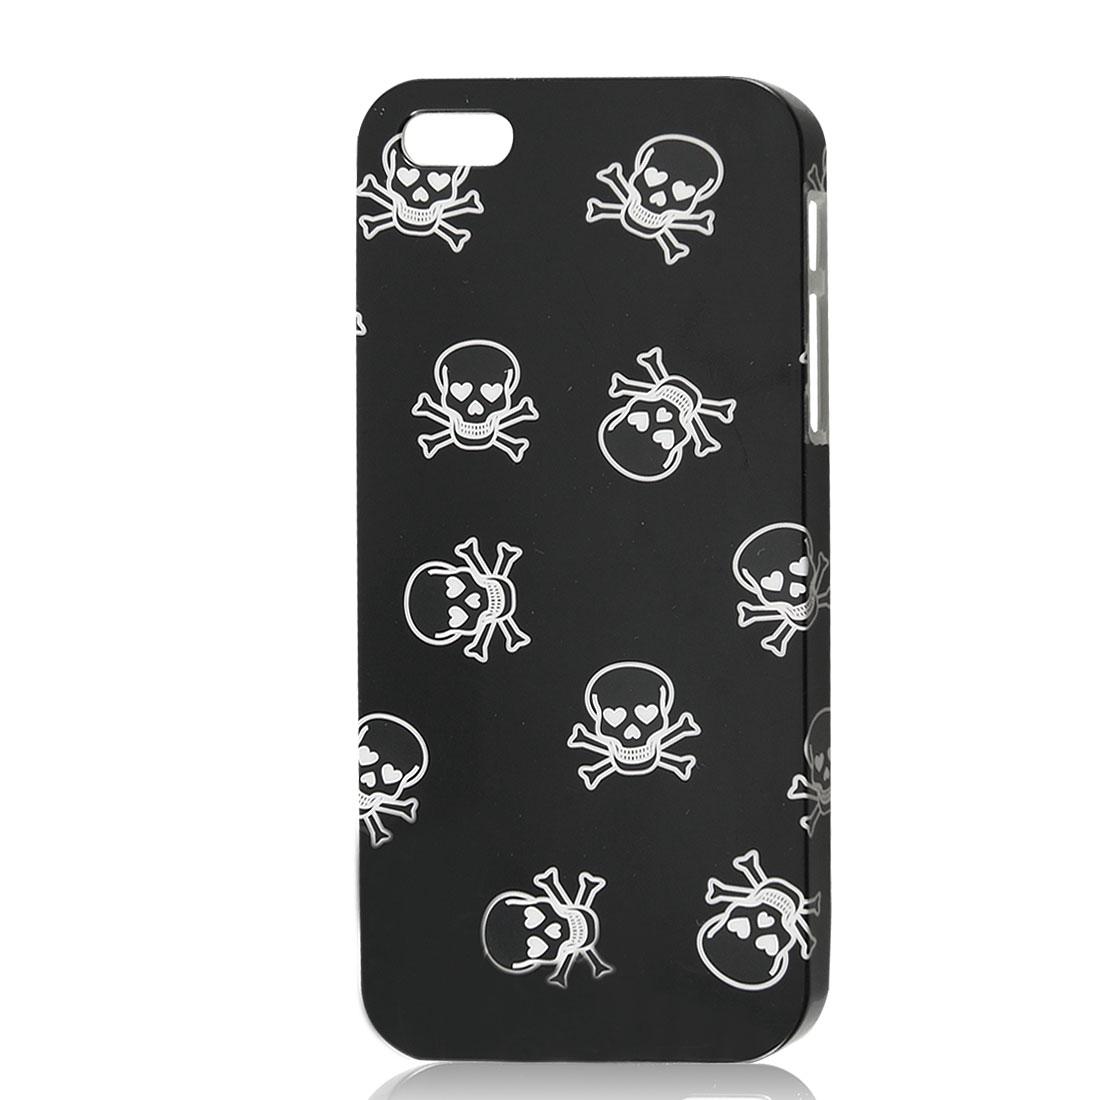 Skull Cross Bone Black IMD Hard Back Case Cover for iPhone 5 5G